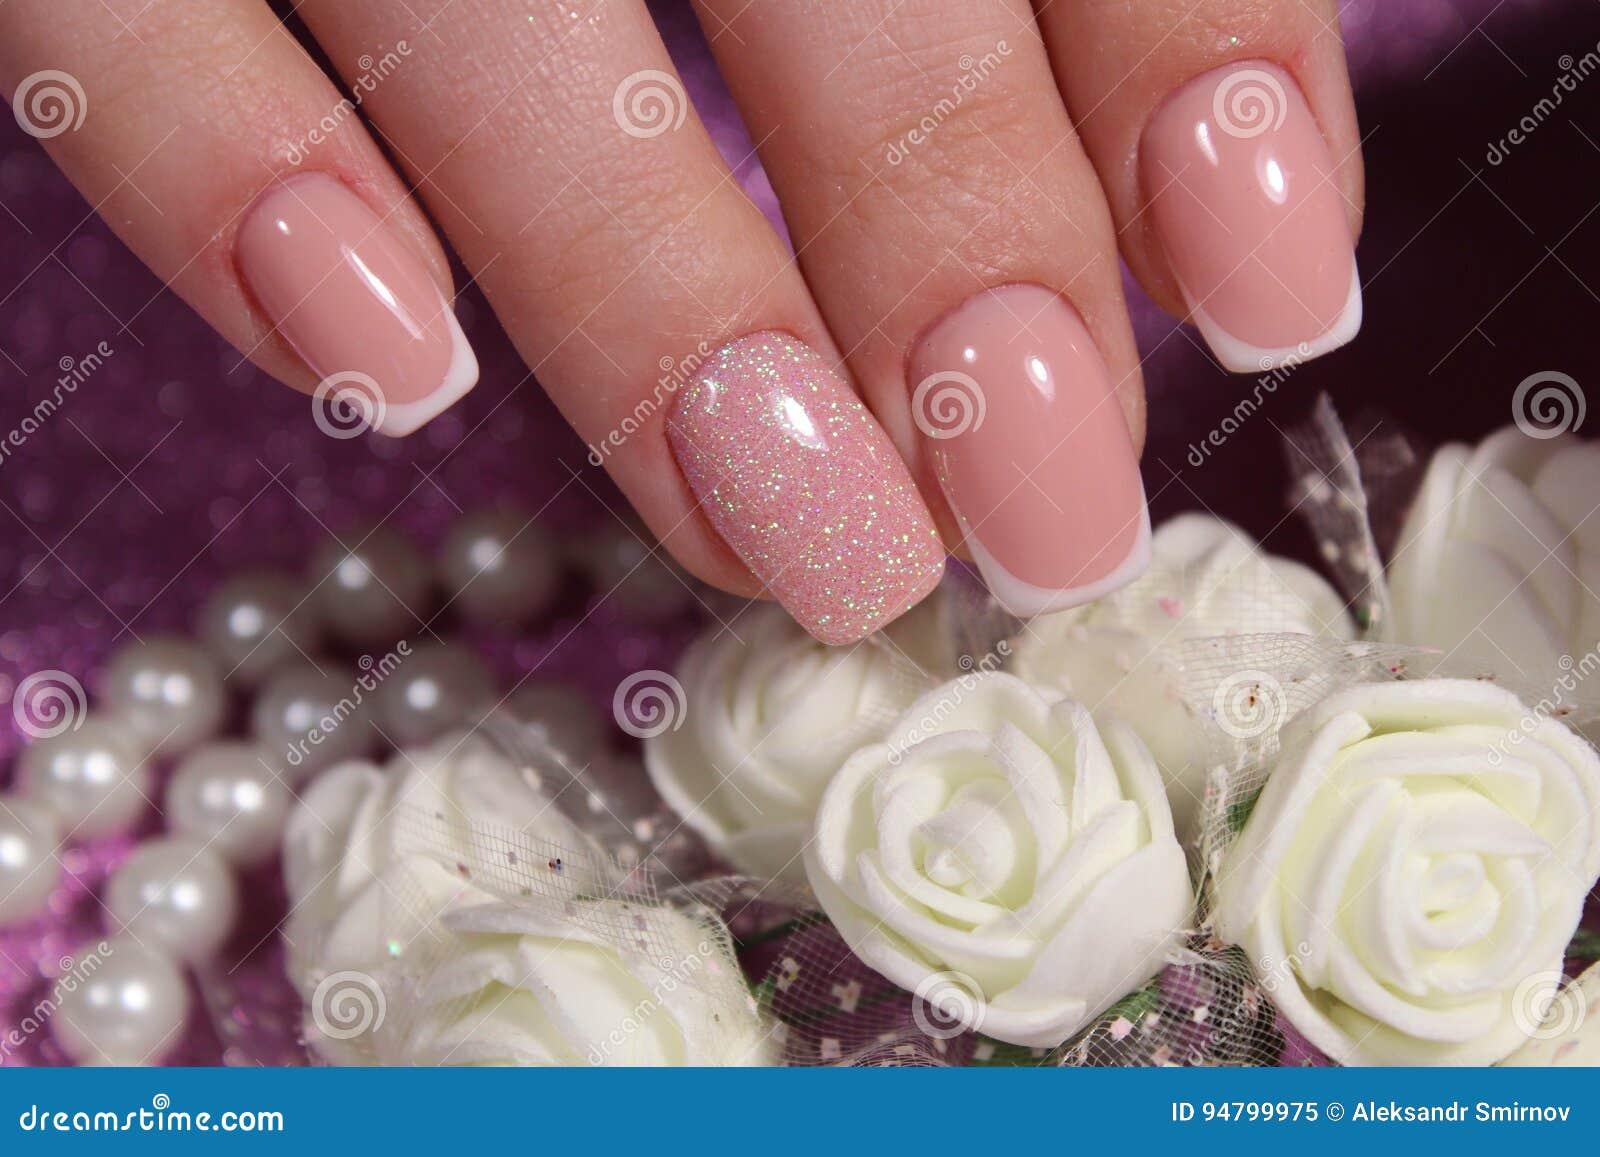 French Manicure Wedding Design Stock Image - Image of holding ...